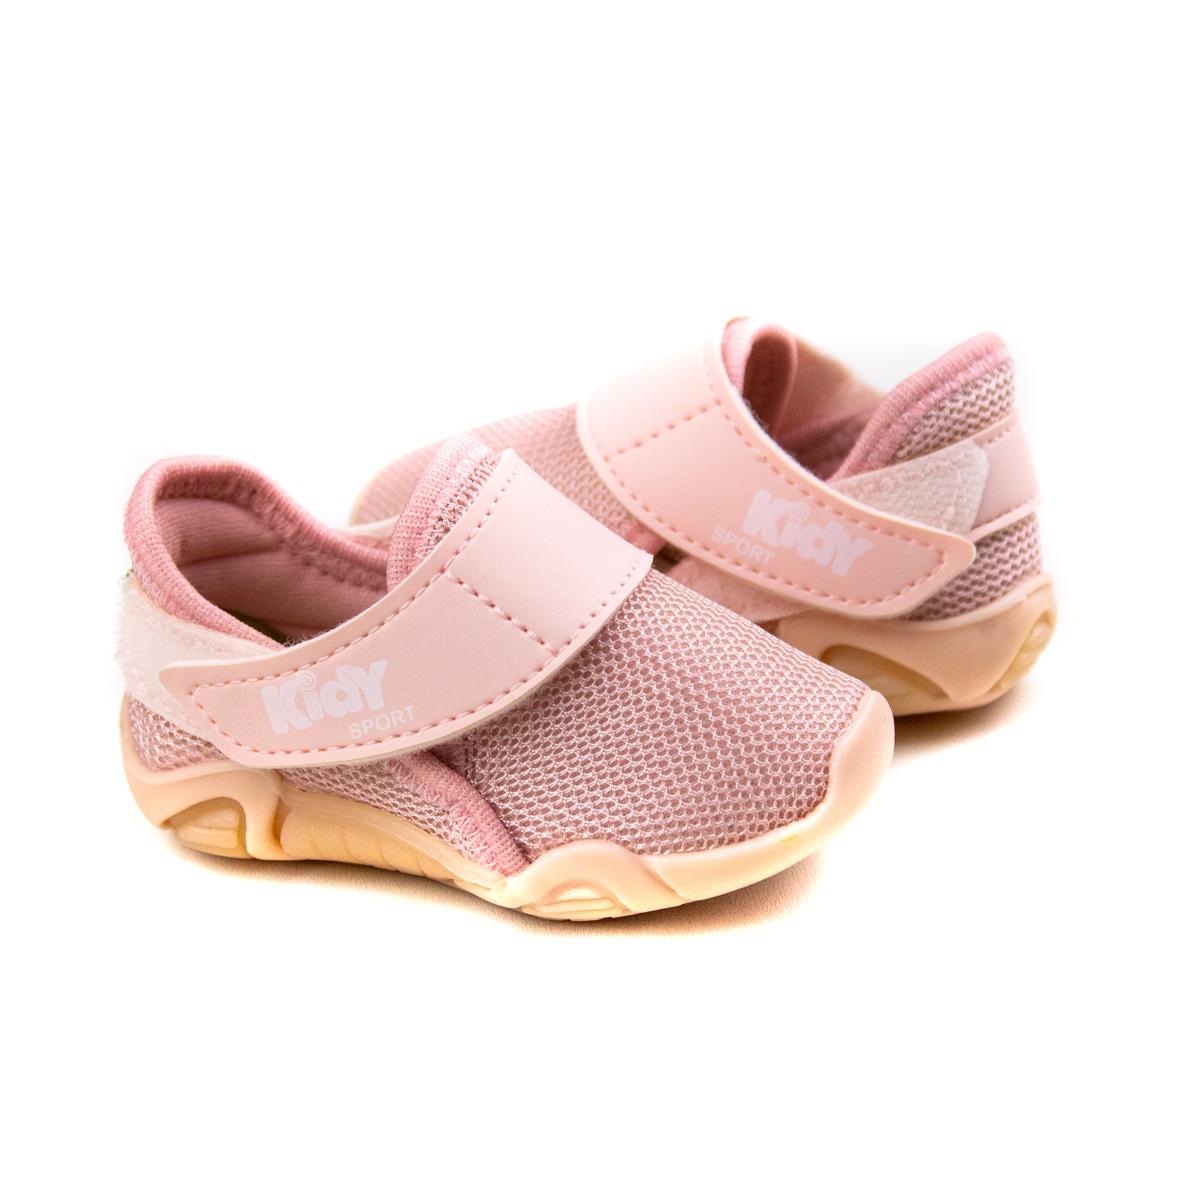 Tênis Collors Bebê Feminino Kidy - Nude